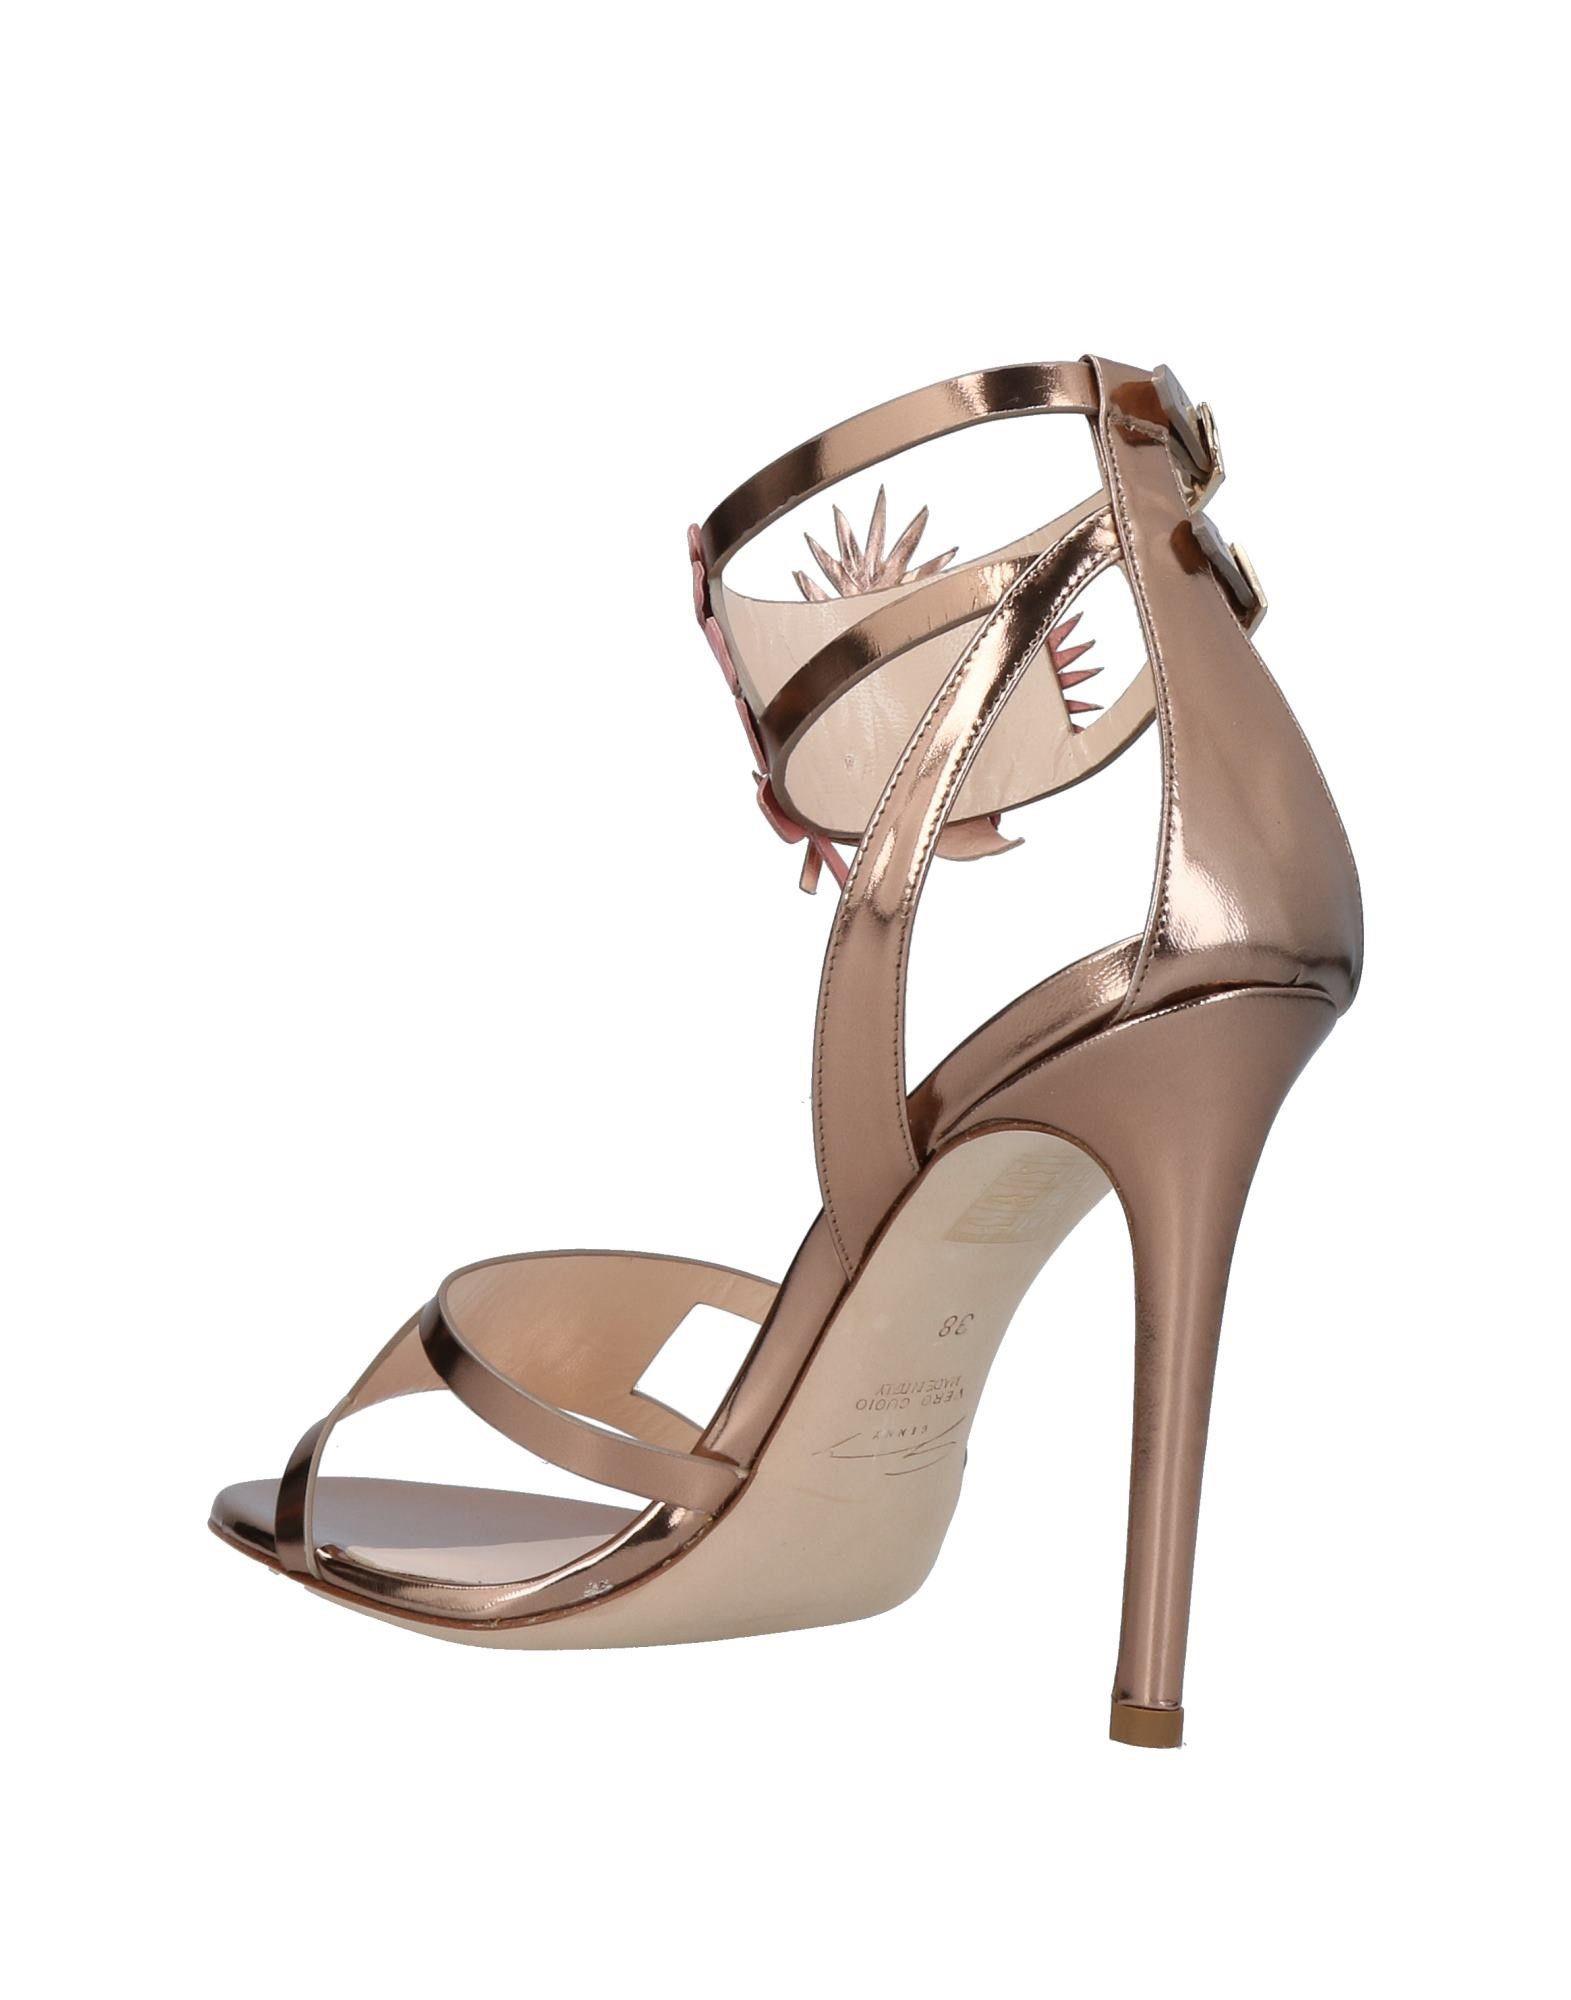 Sandales Genny Femme - Sandales Genny sur